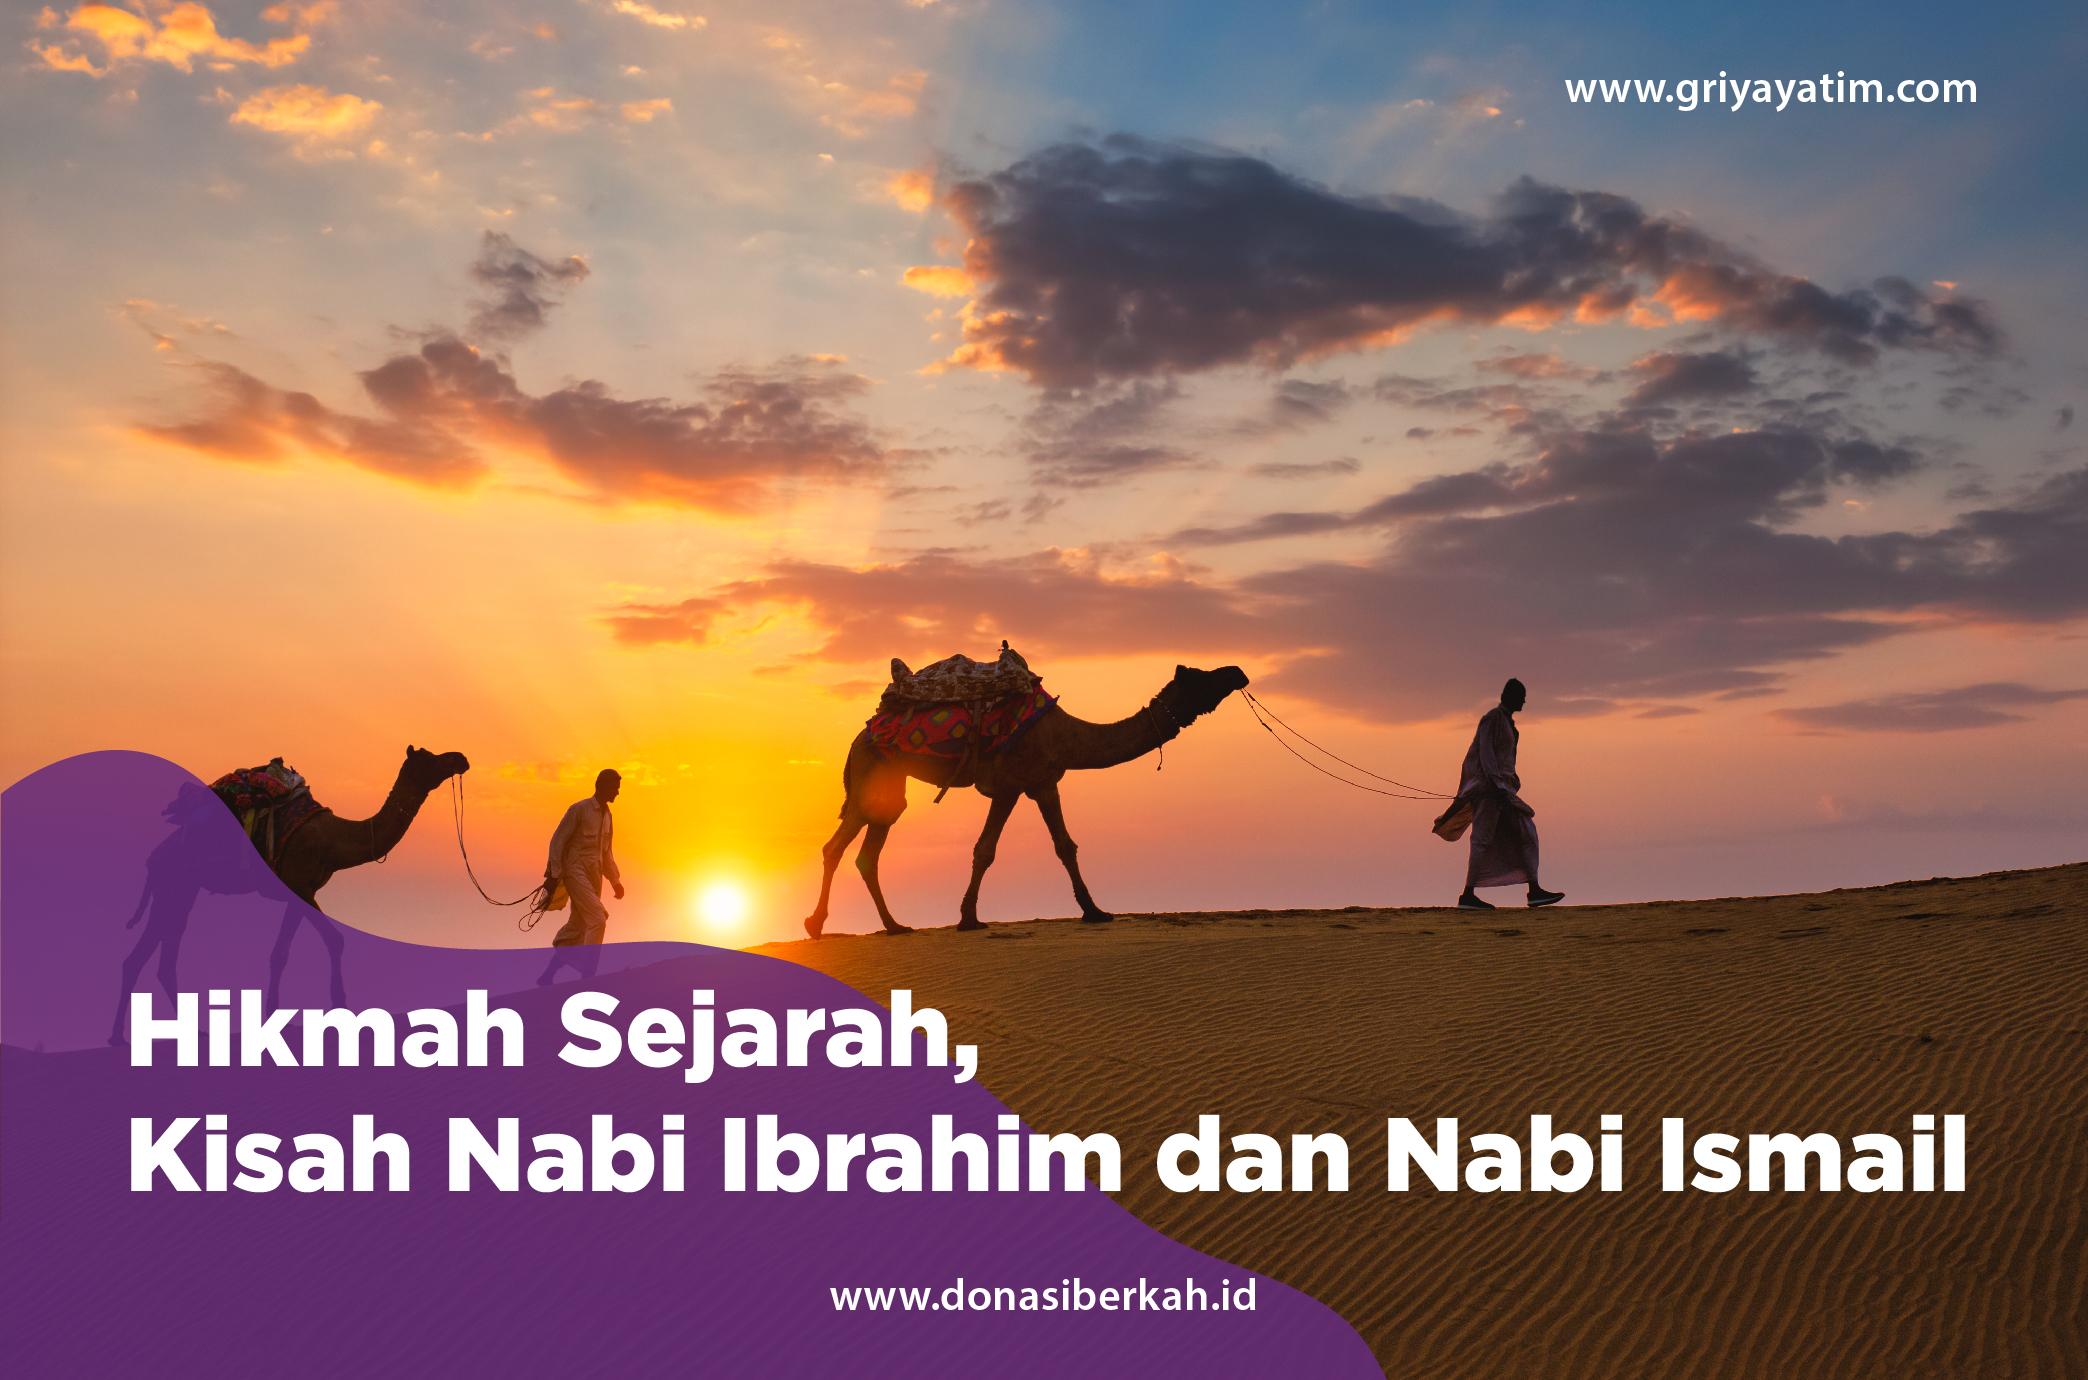 Hikmah Sejarah, Kisah Nabi Ibrahim dan Nabi Ismail